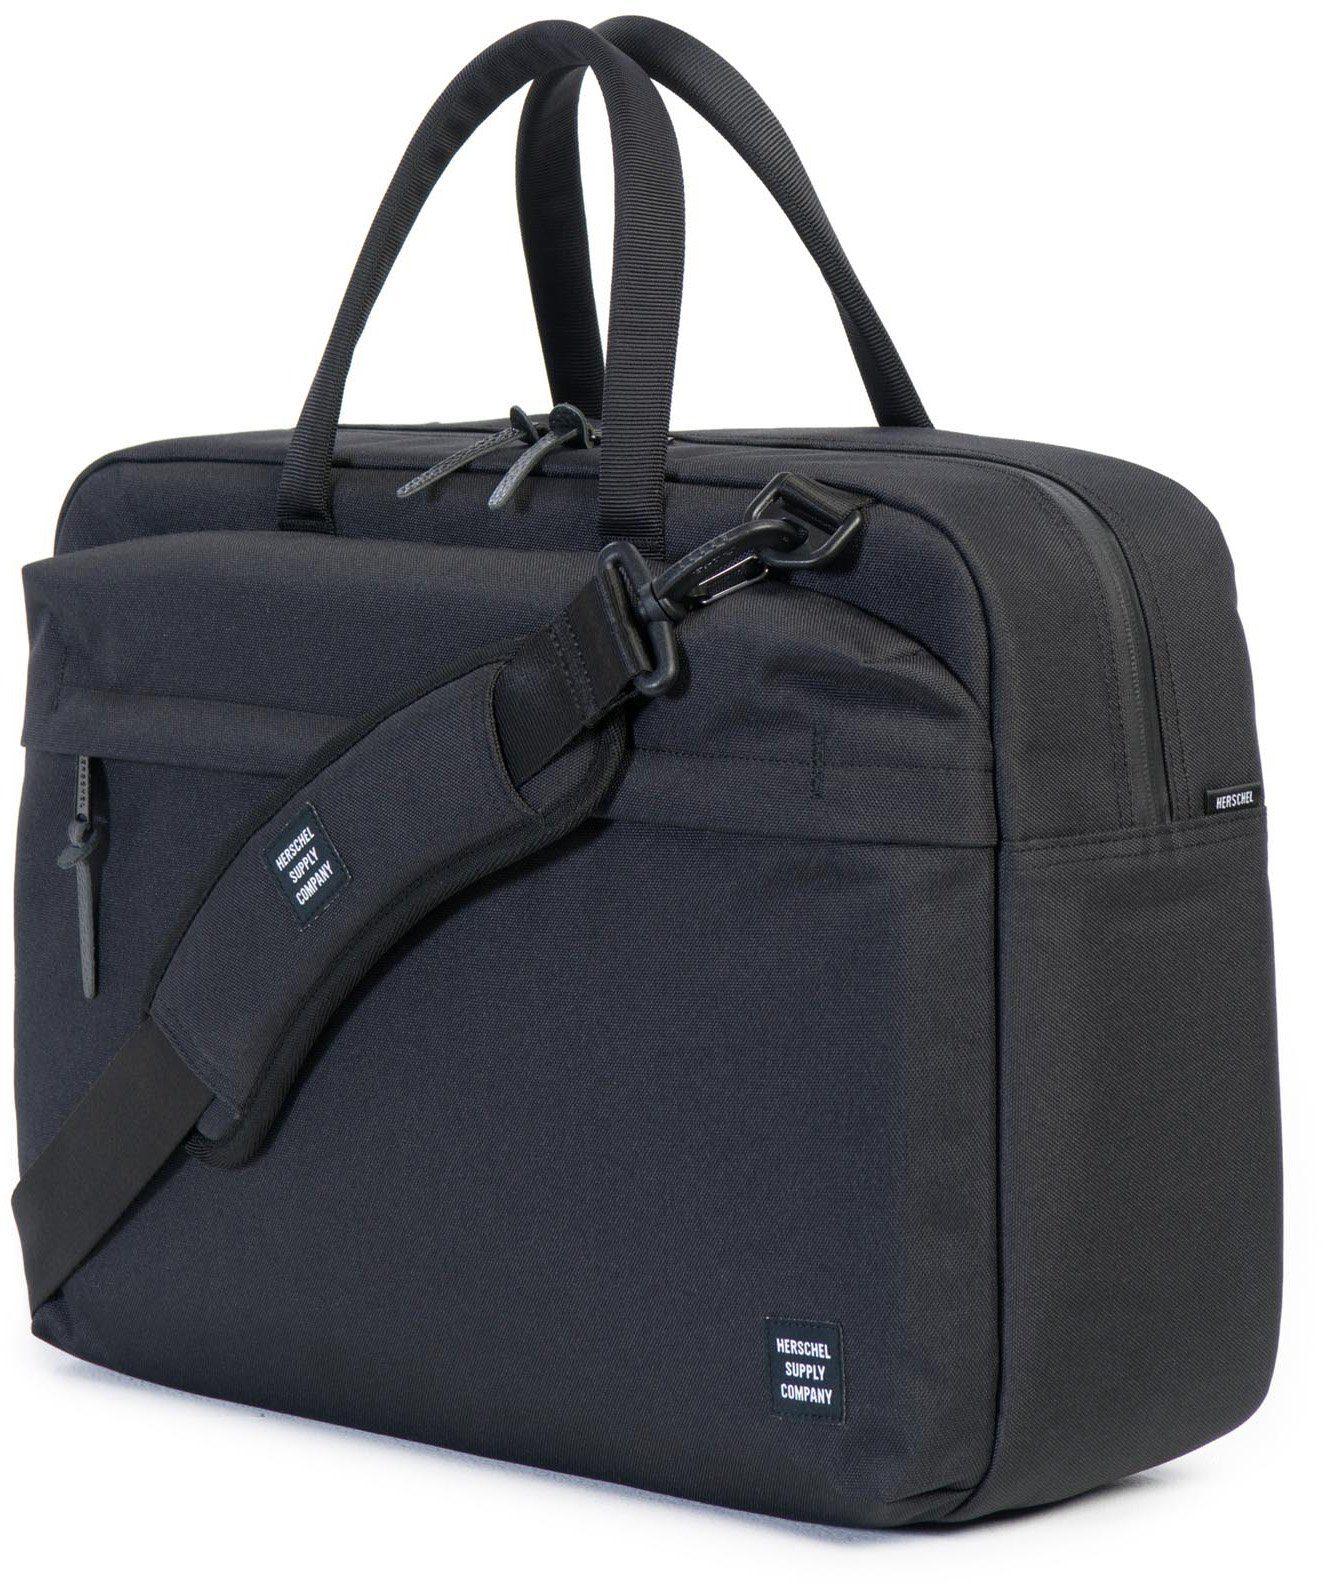 Herschel Messenger Bag mit Laptopfach, »Sandford, Black«